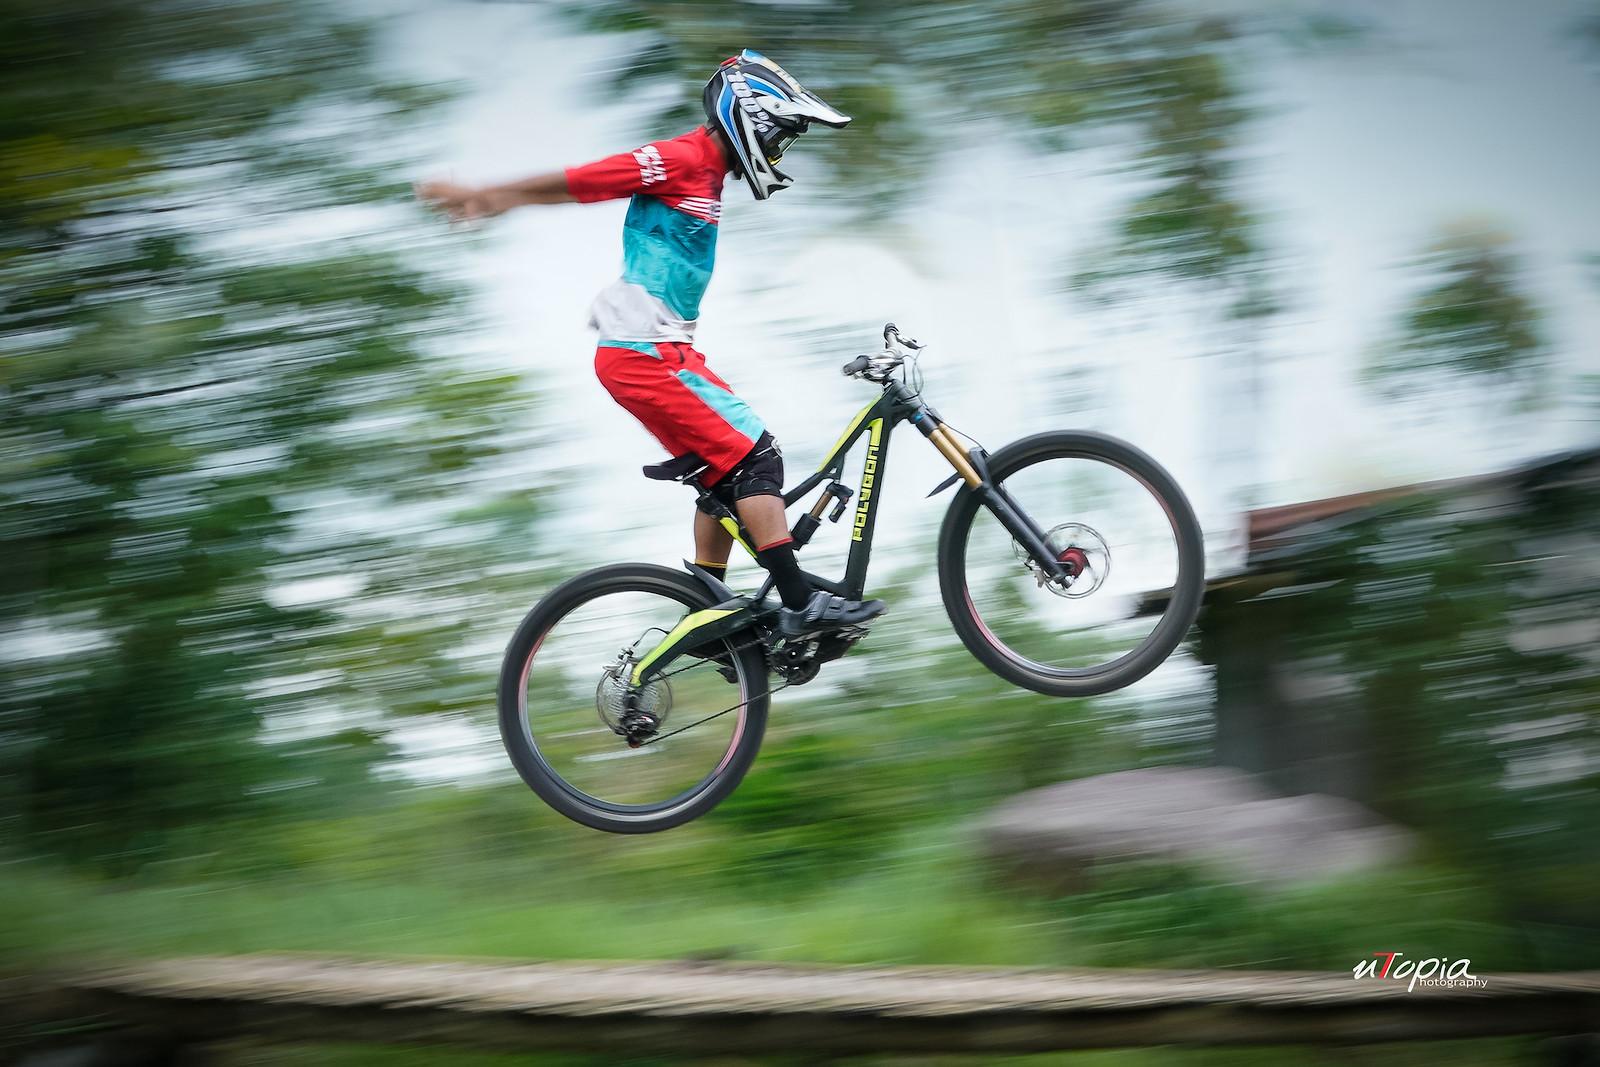 Suicide no hander  - utopiaarch - Mountain Biking Pictures - Vital MTB